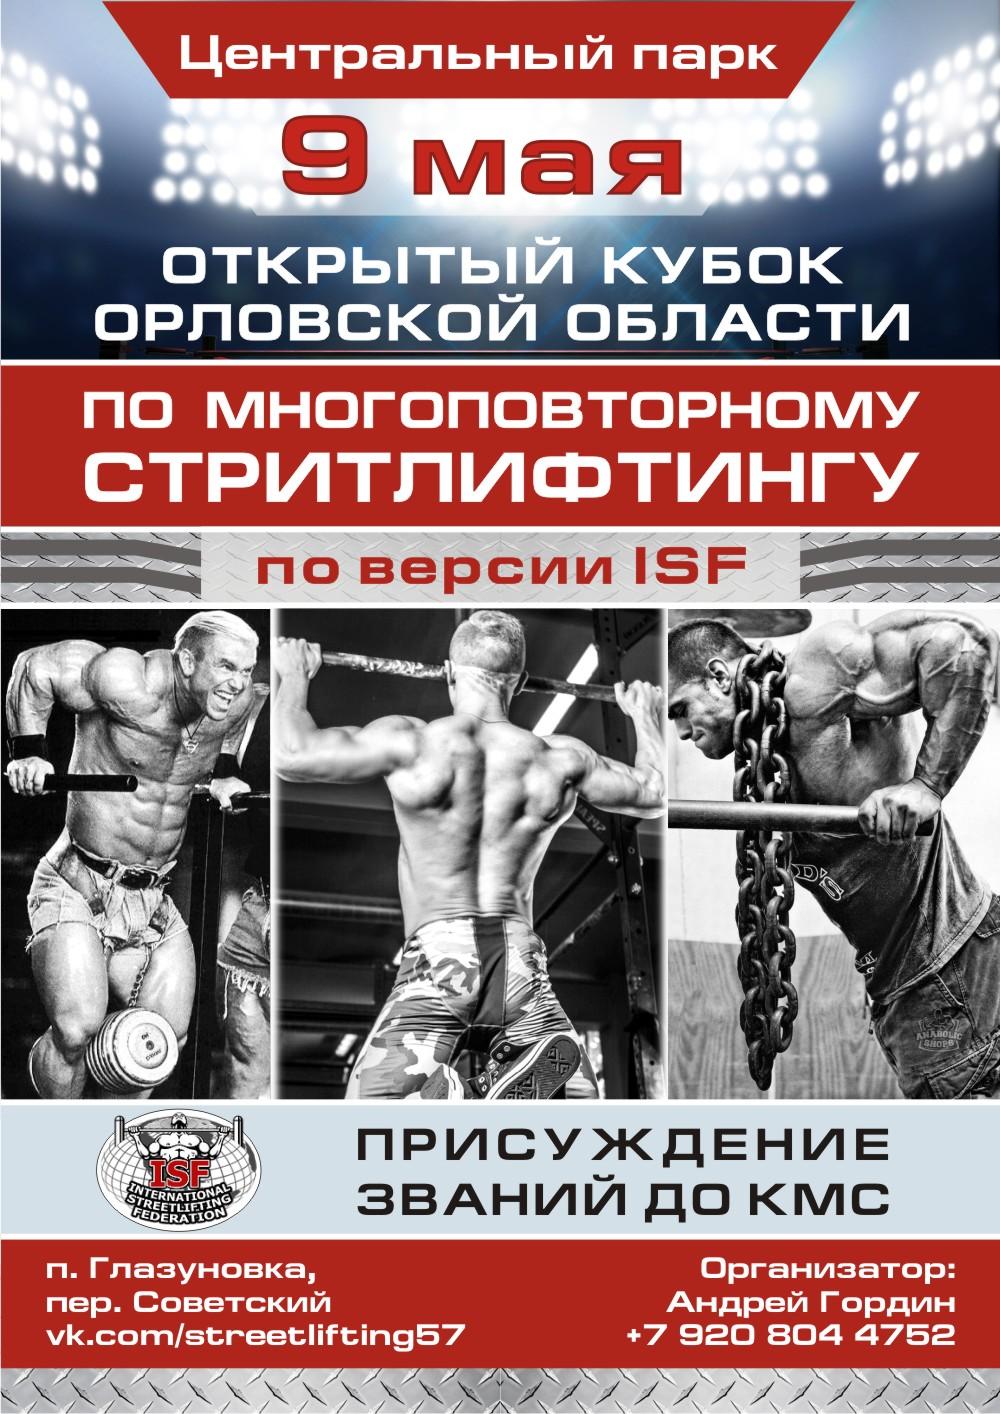 Стритлифтинг Глазуновка 9 мая Орловская область